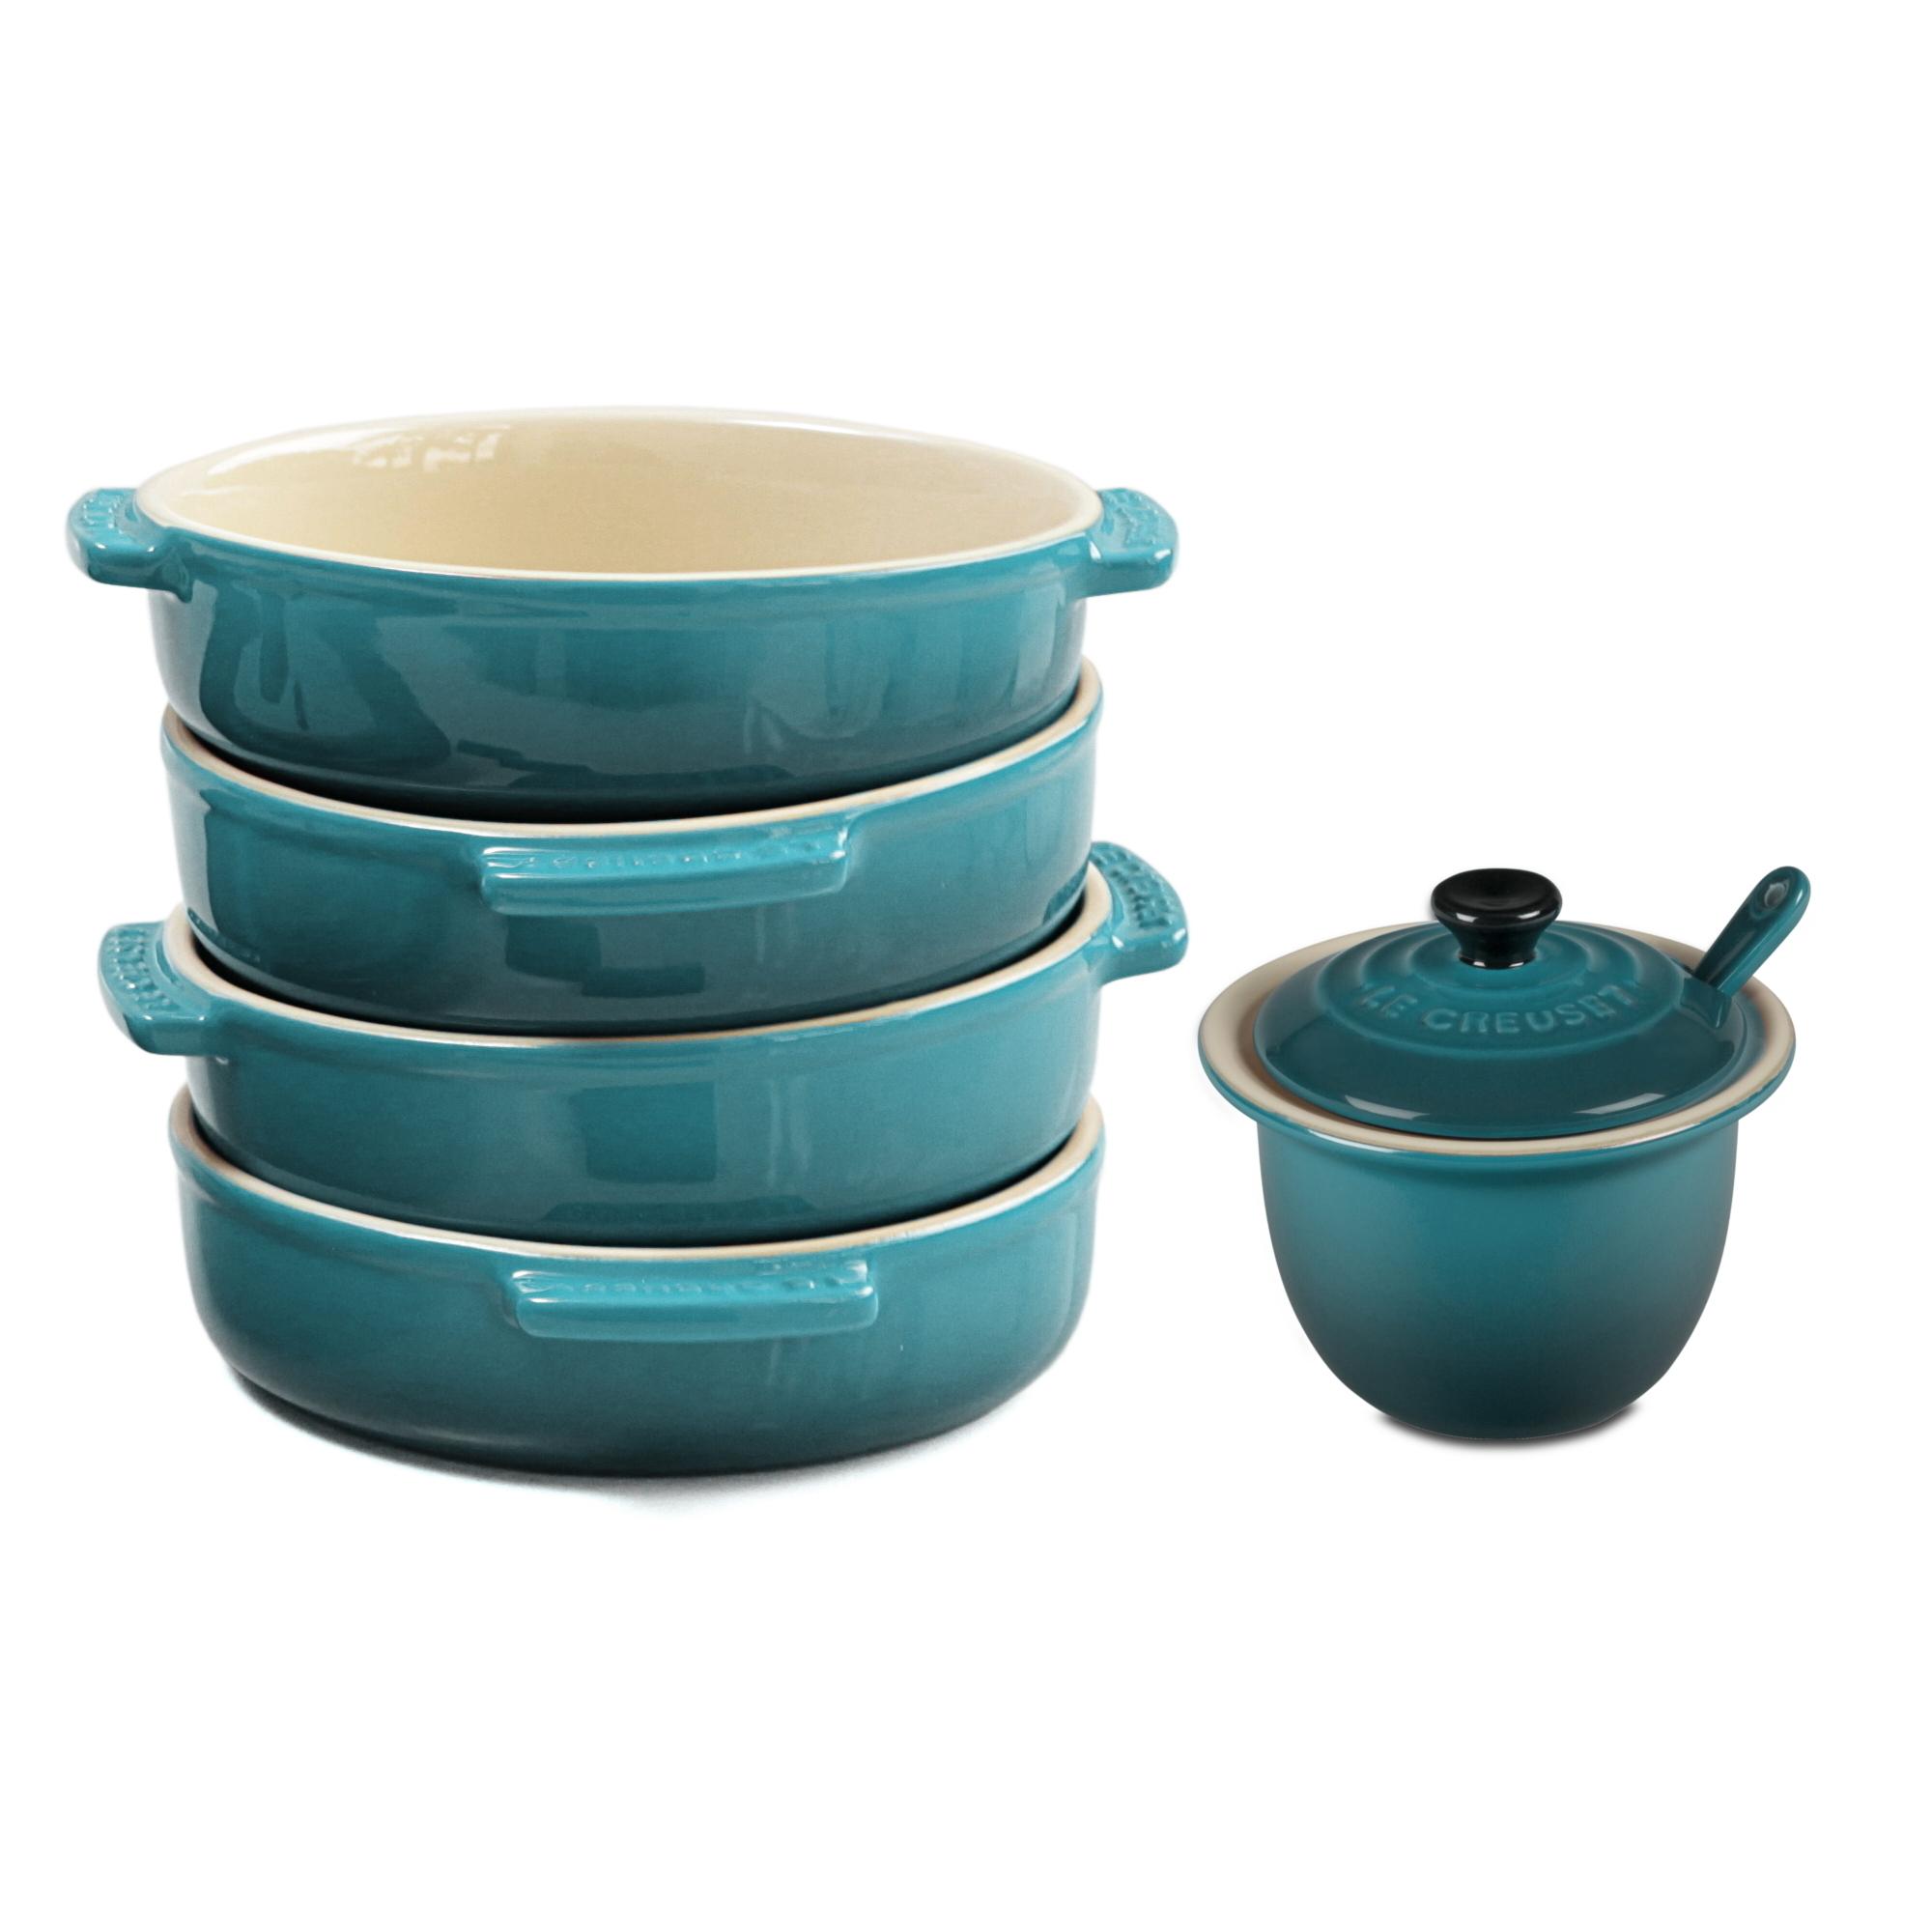 Le Creuset Caribbean Stoneware 4 Piece Tapas Dish Set with Condiment Pot